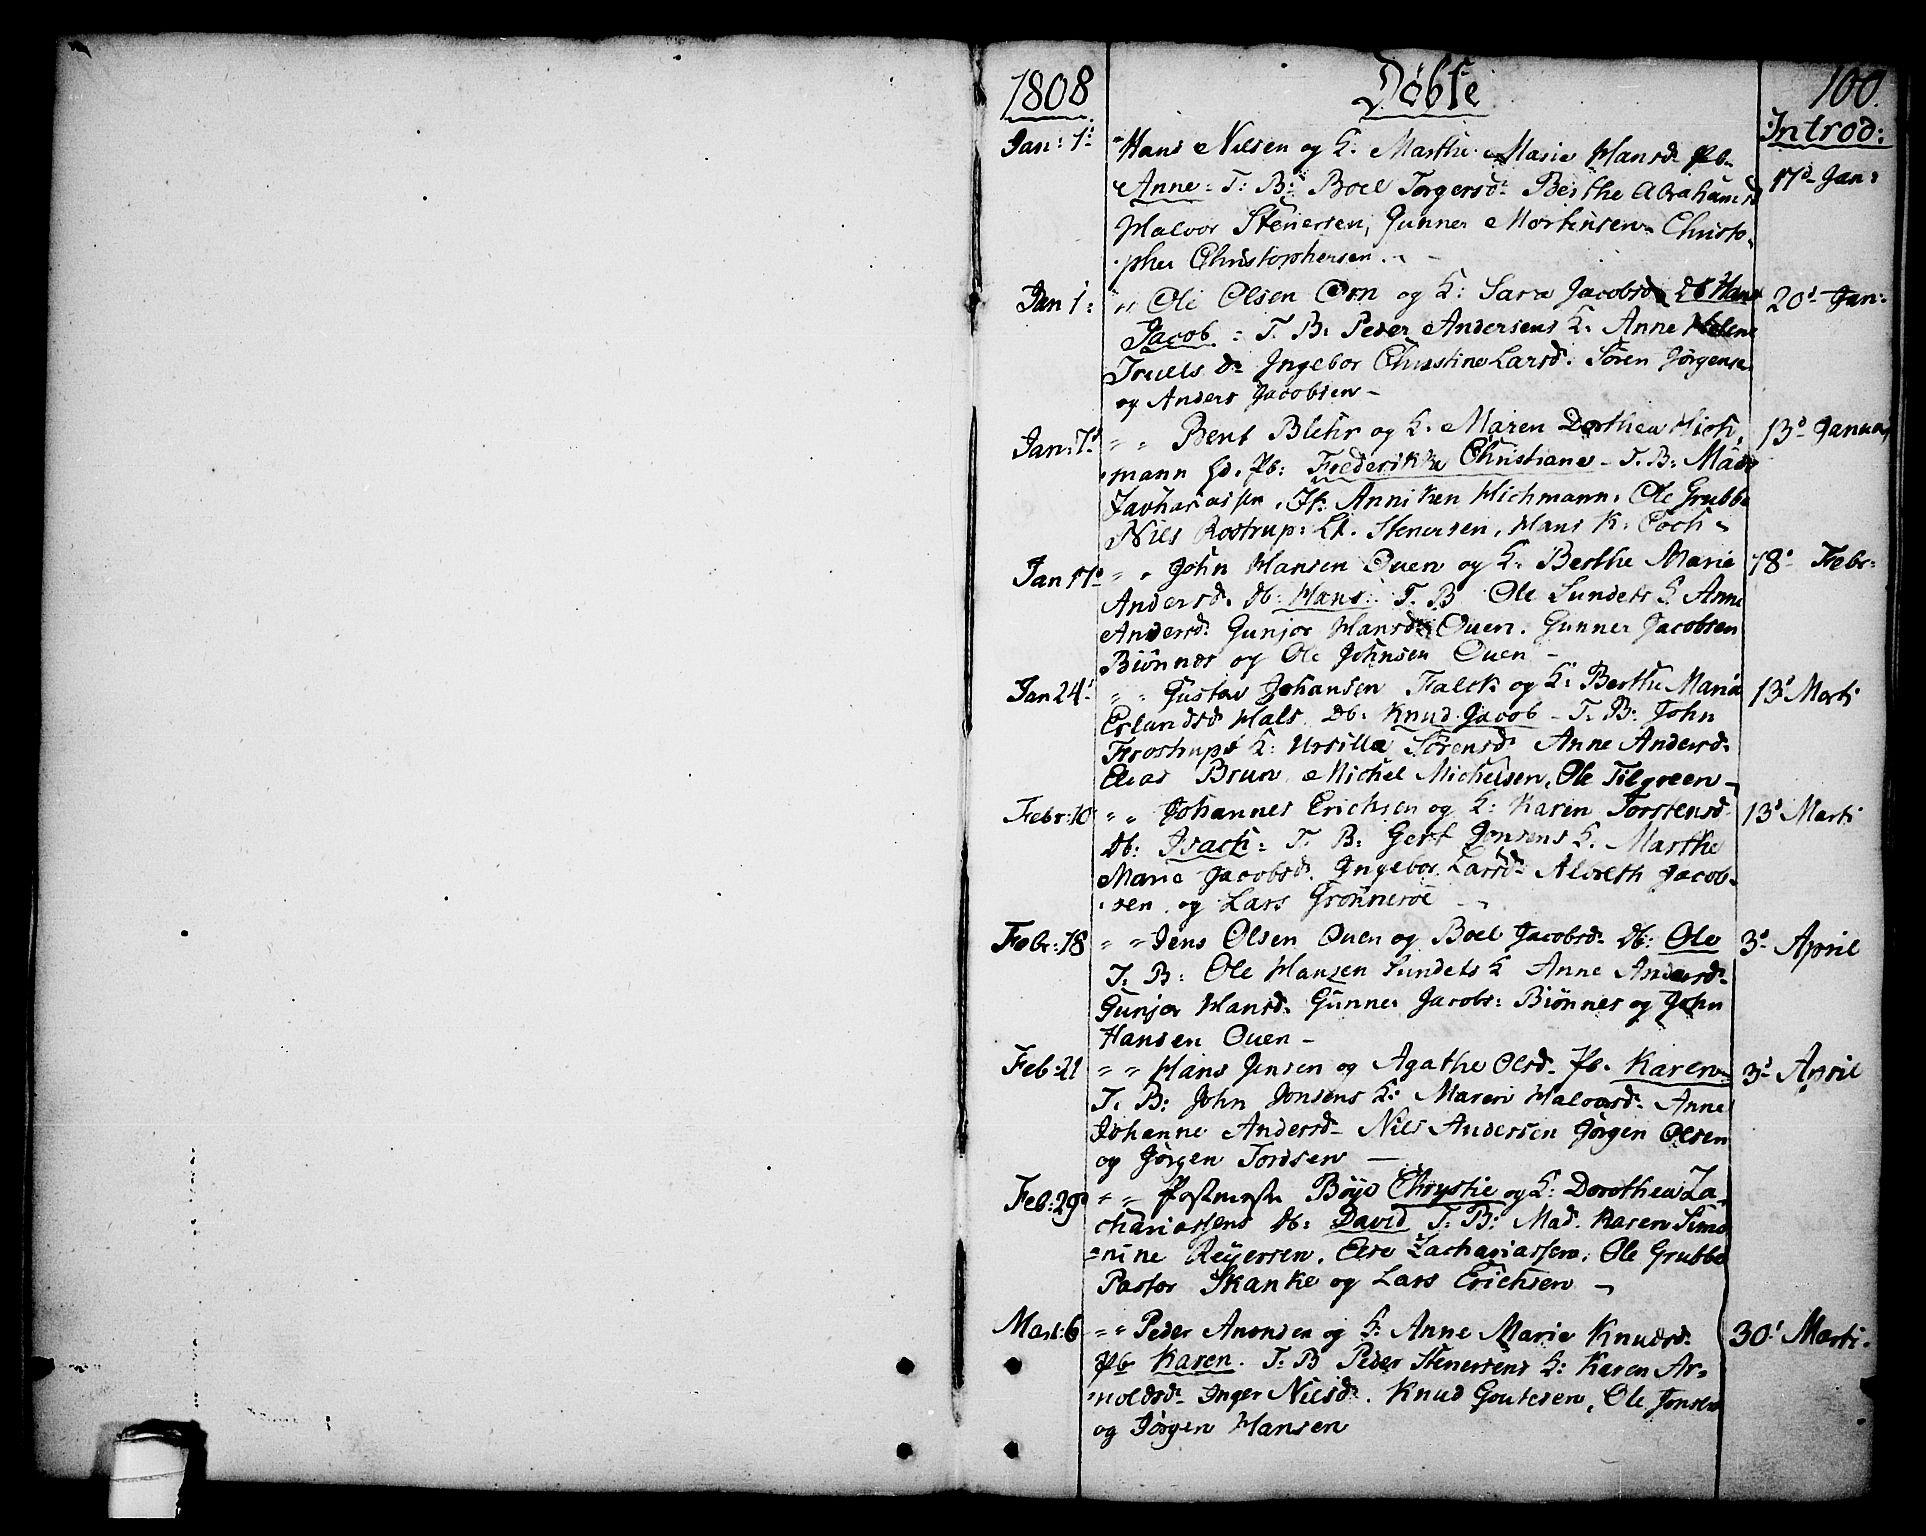 SAKO, Brevik kirkebøker, F/Fa/L0003: Ministerialbok nr. 3, 1764-1814, s. 100